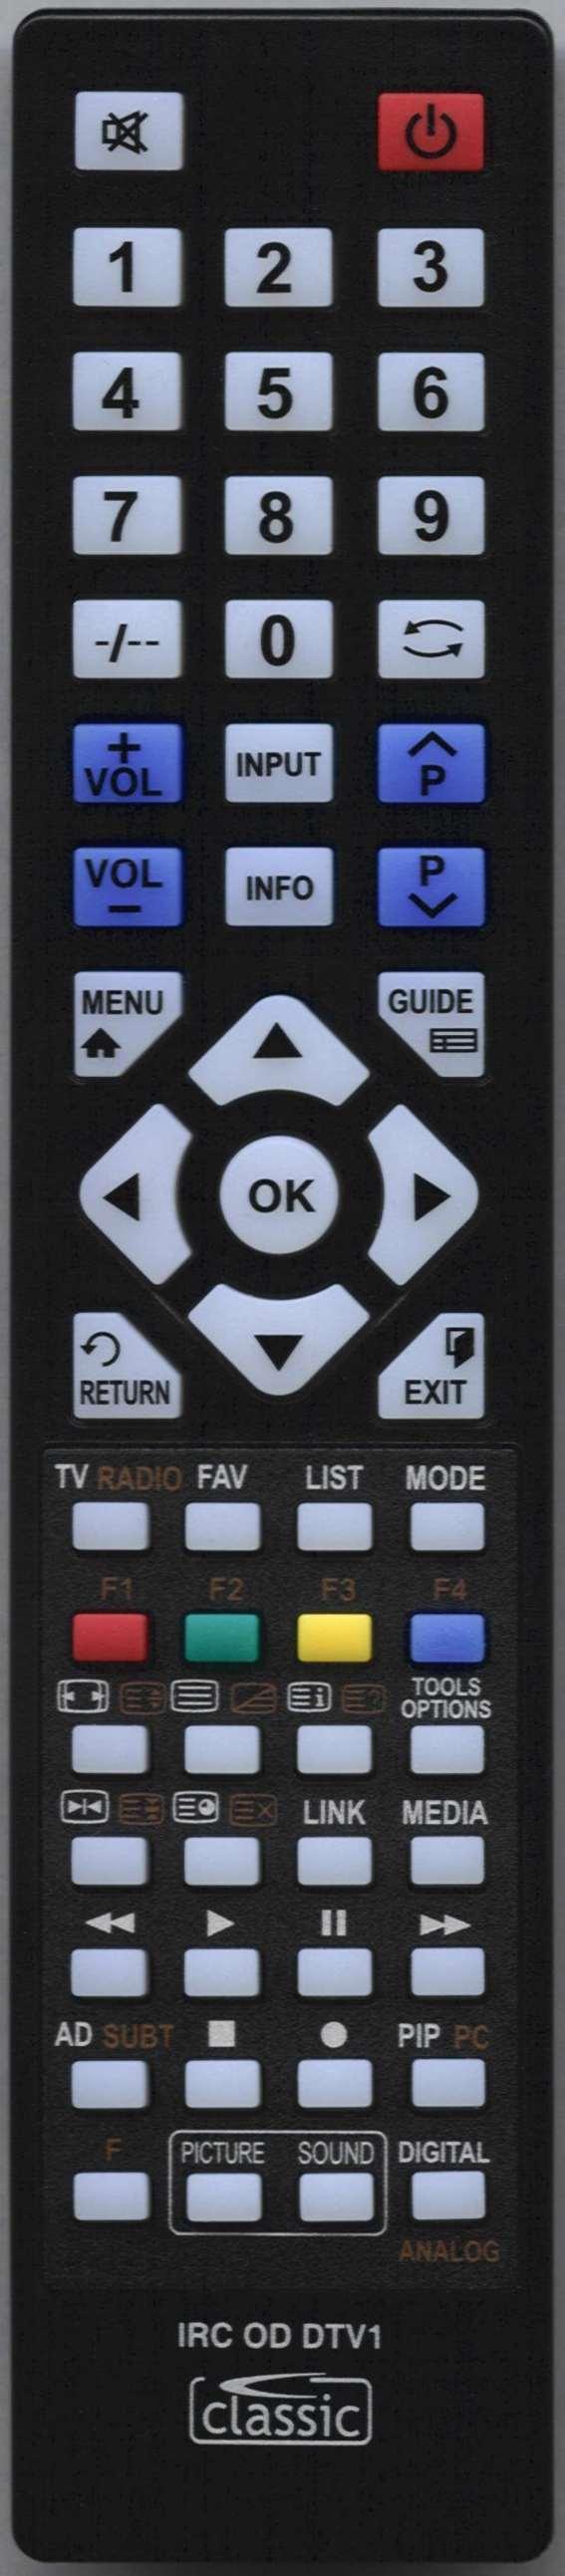 MATSUI TVR 185T Remote Control Alternative